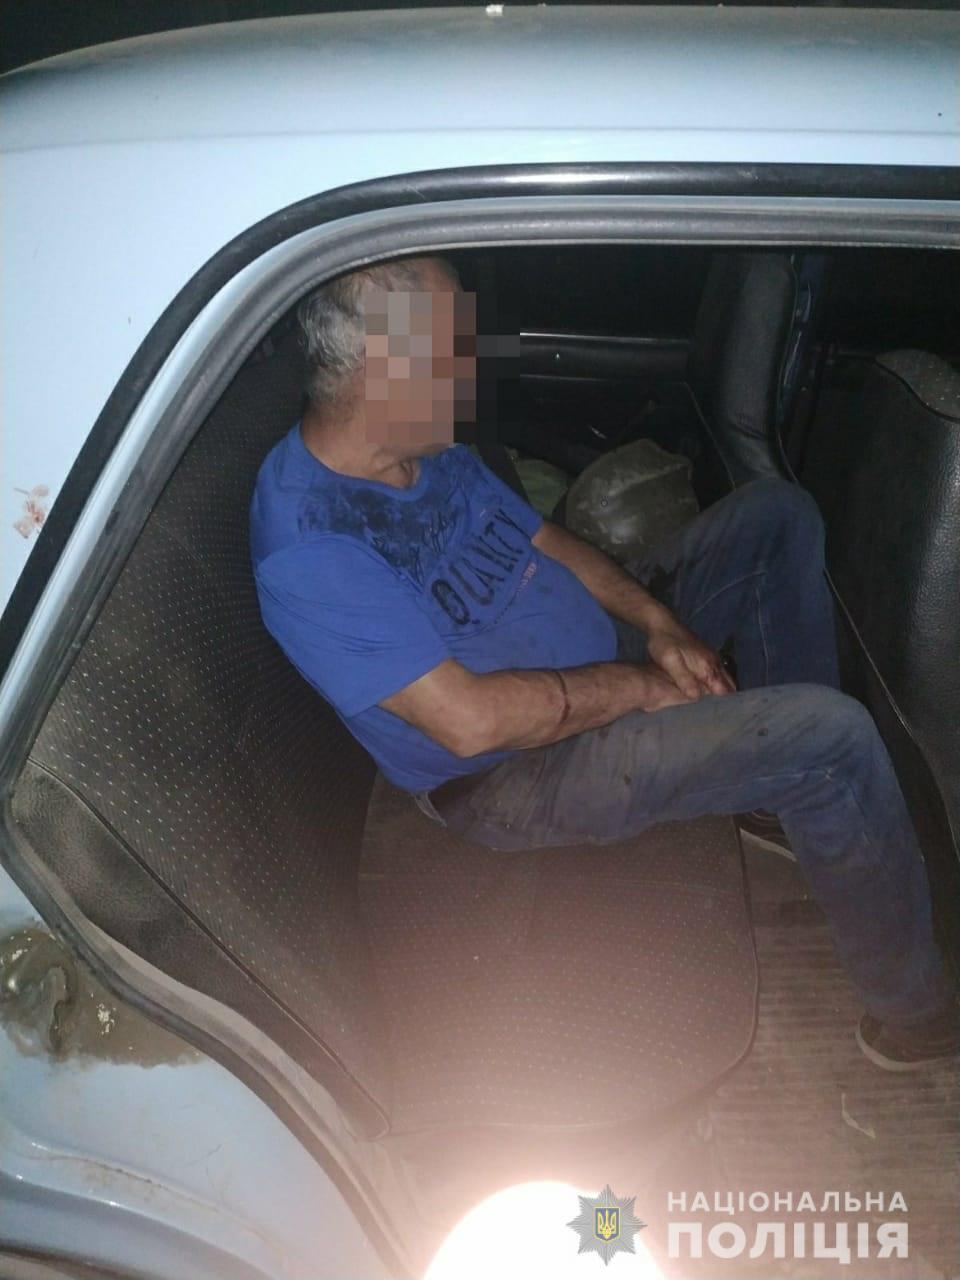 65-летнему водителю грозит до 8 лет лишения свободы